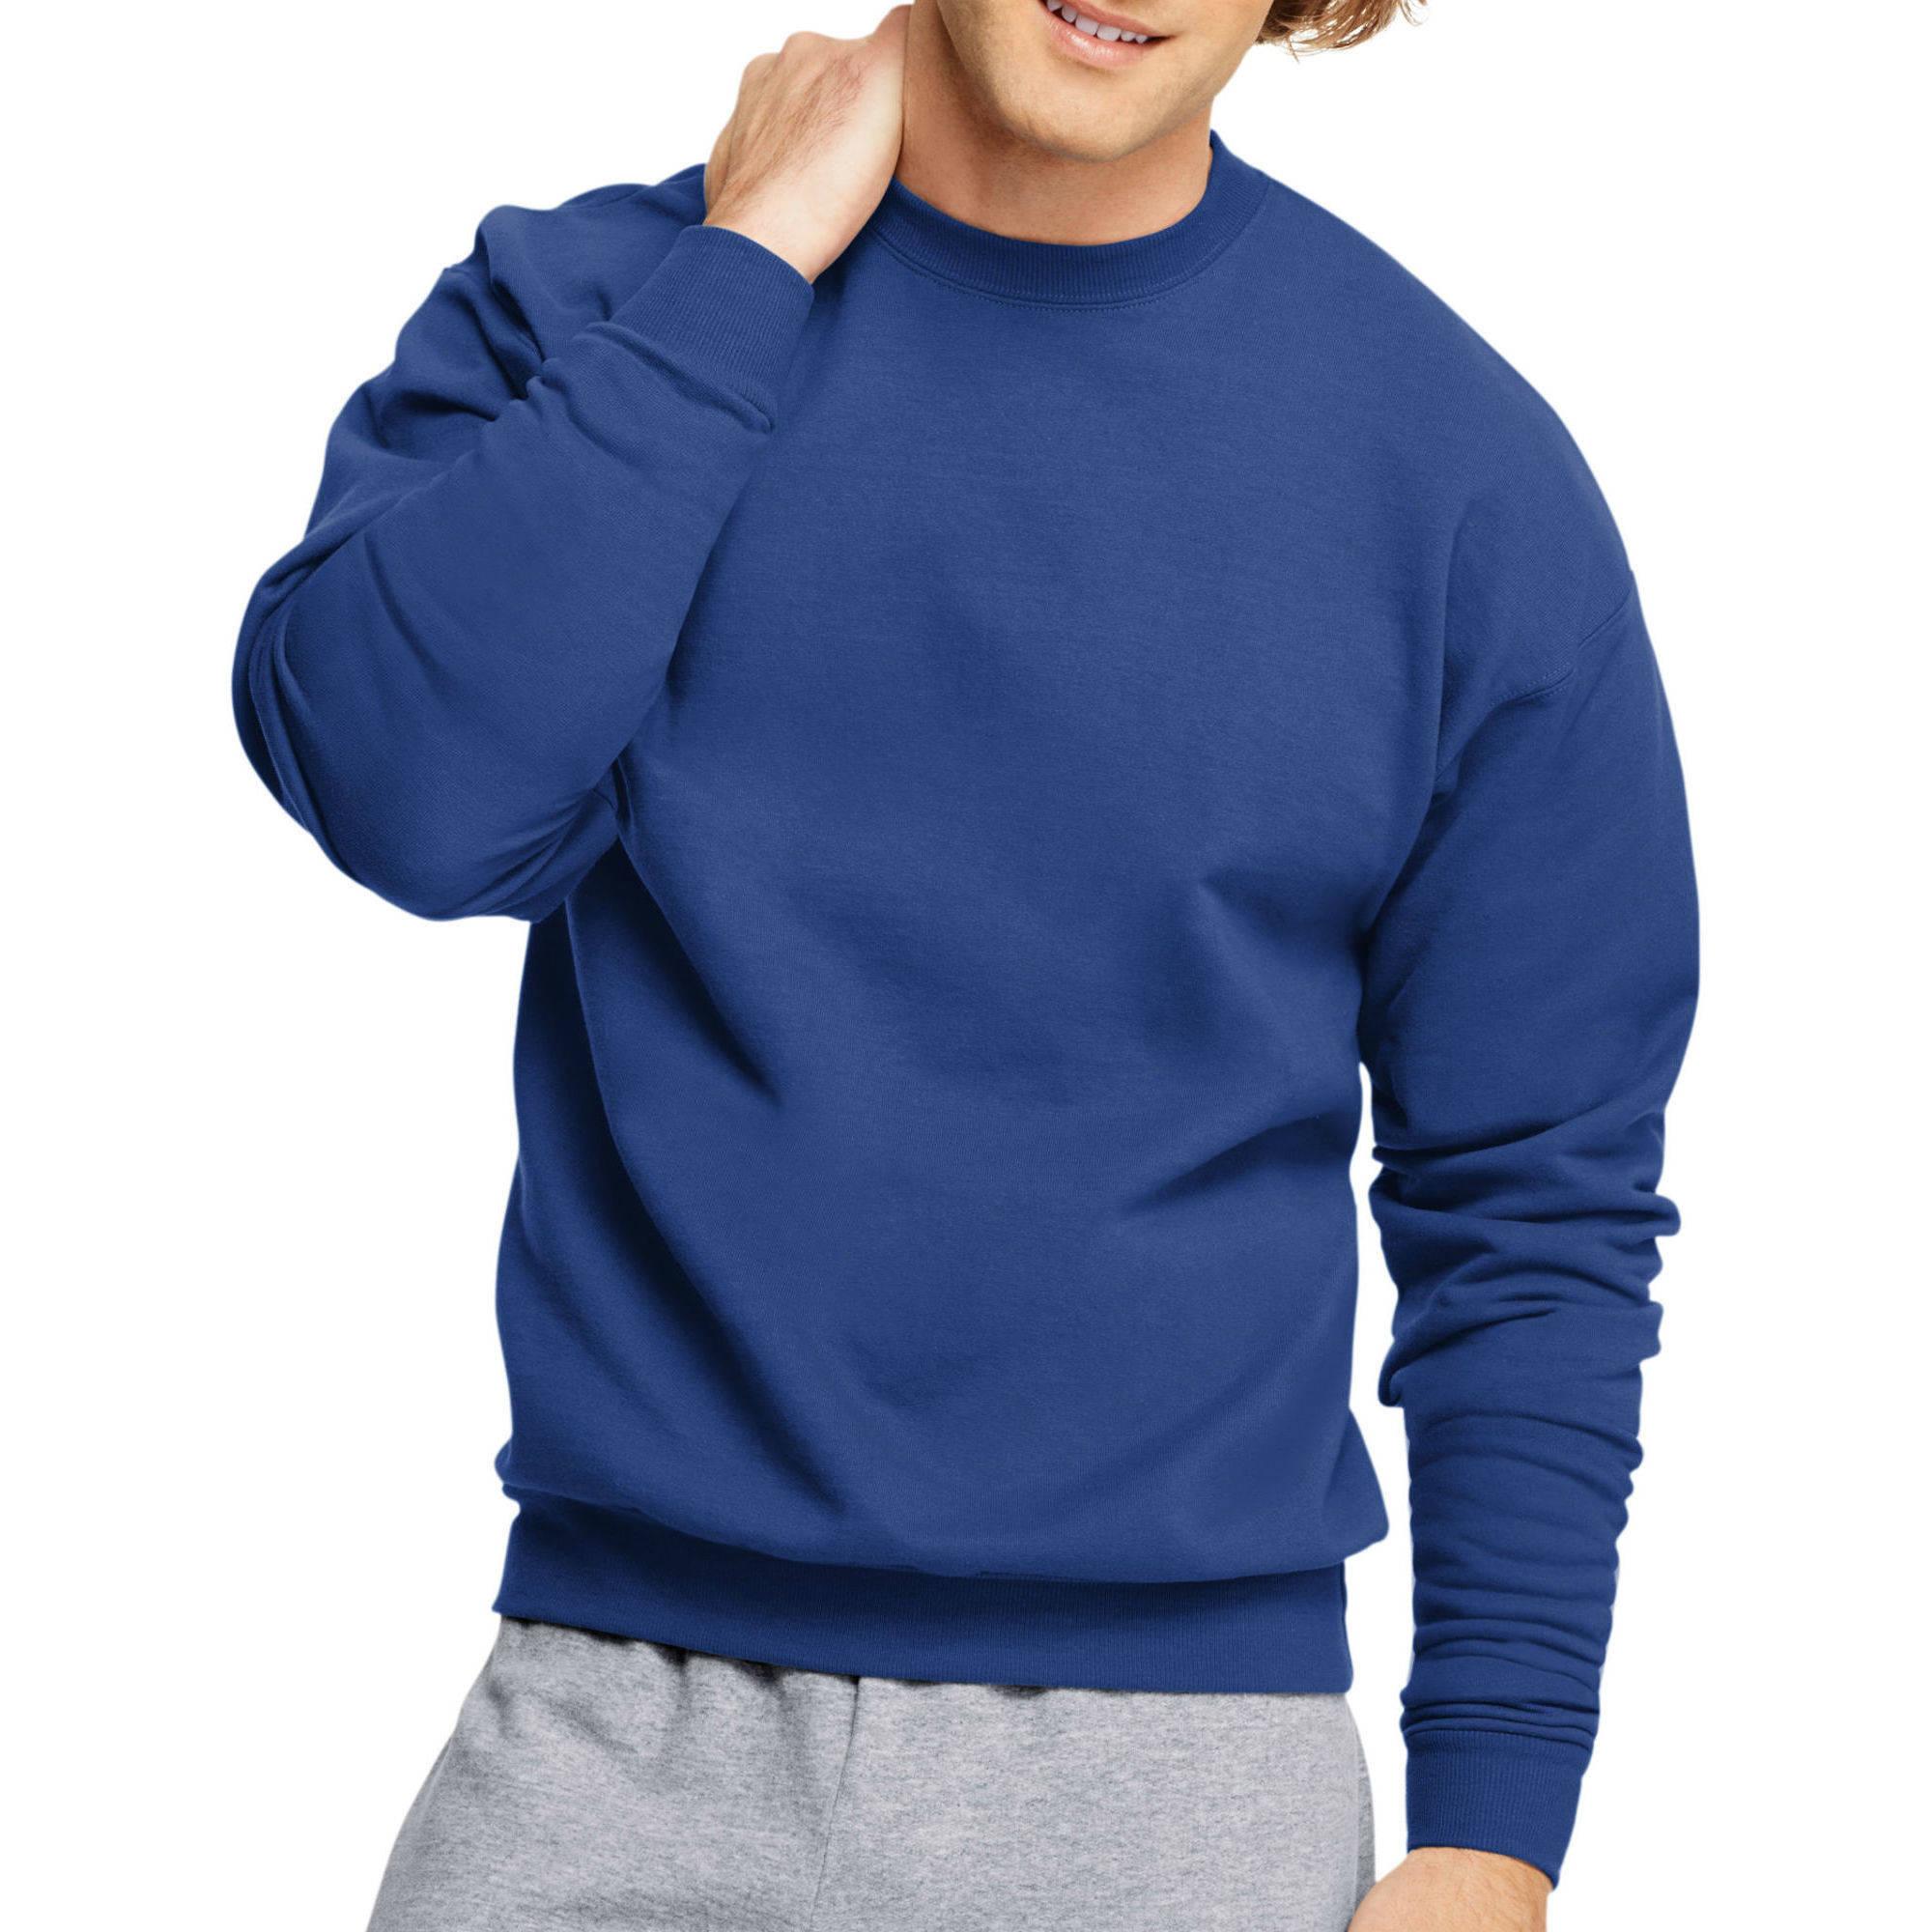 Hanes Men's Ecosmart Medium Weight Fleece Crew Neck Sweatshirt